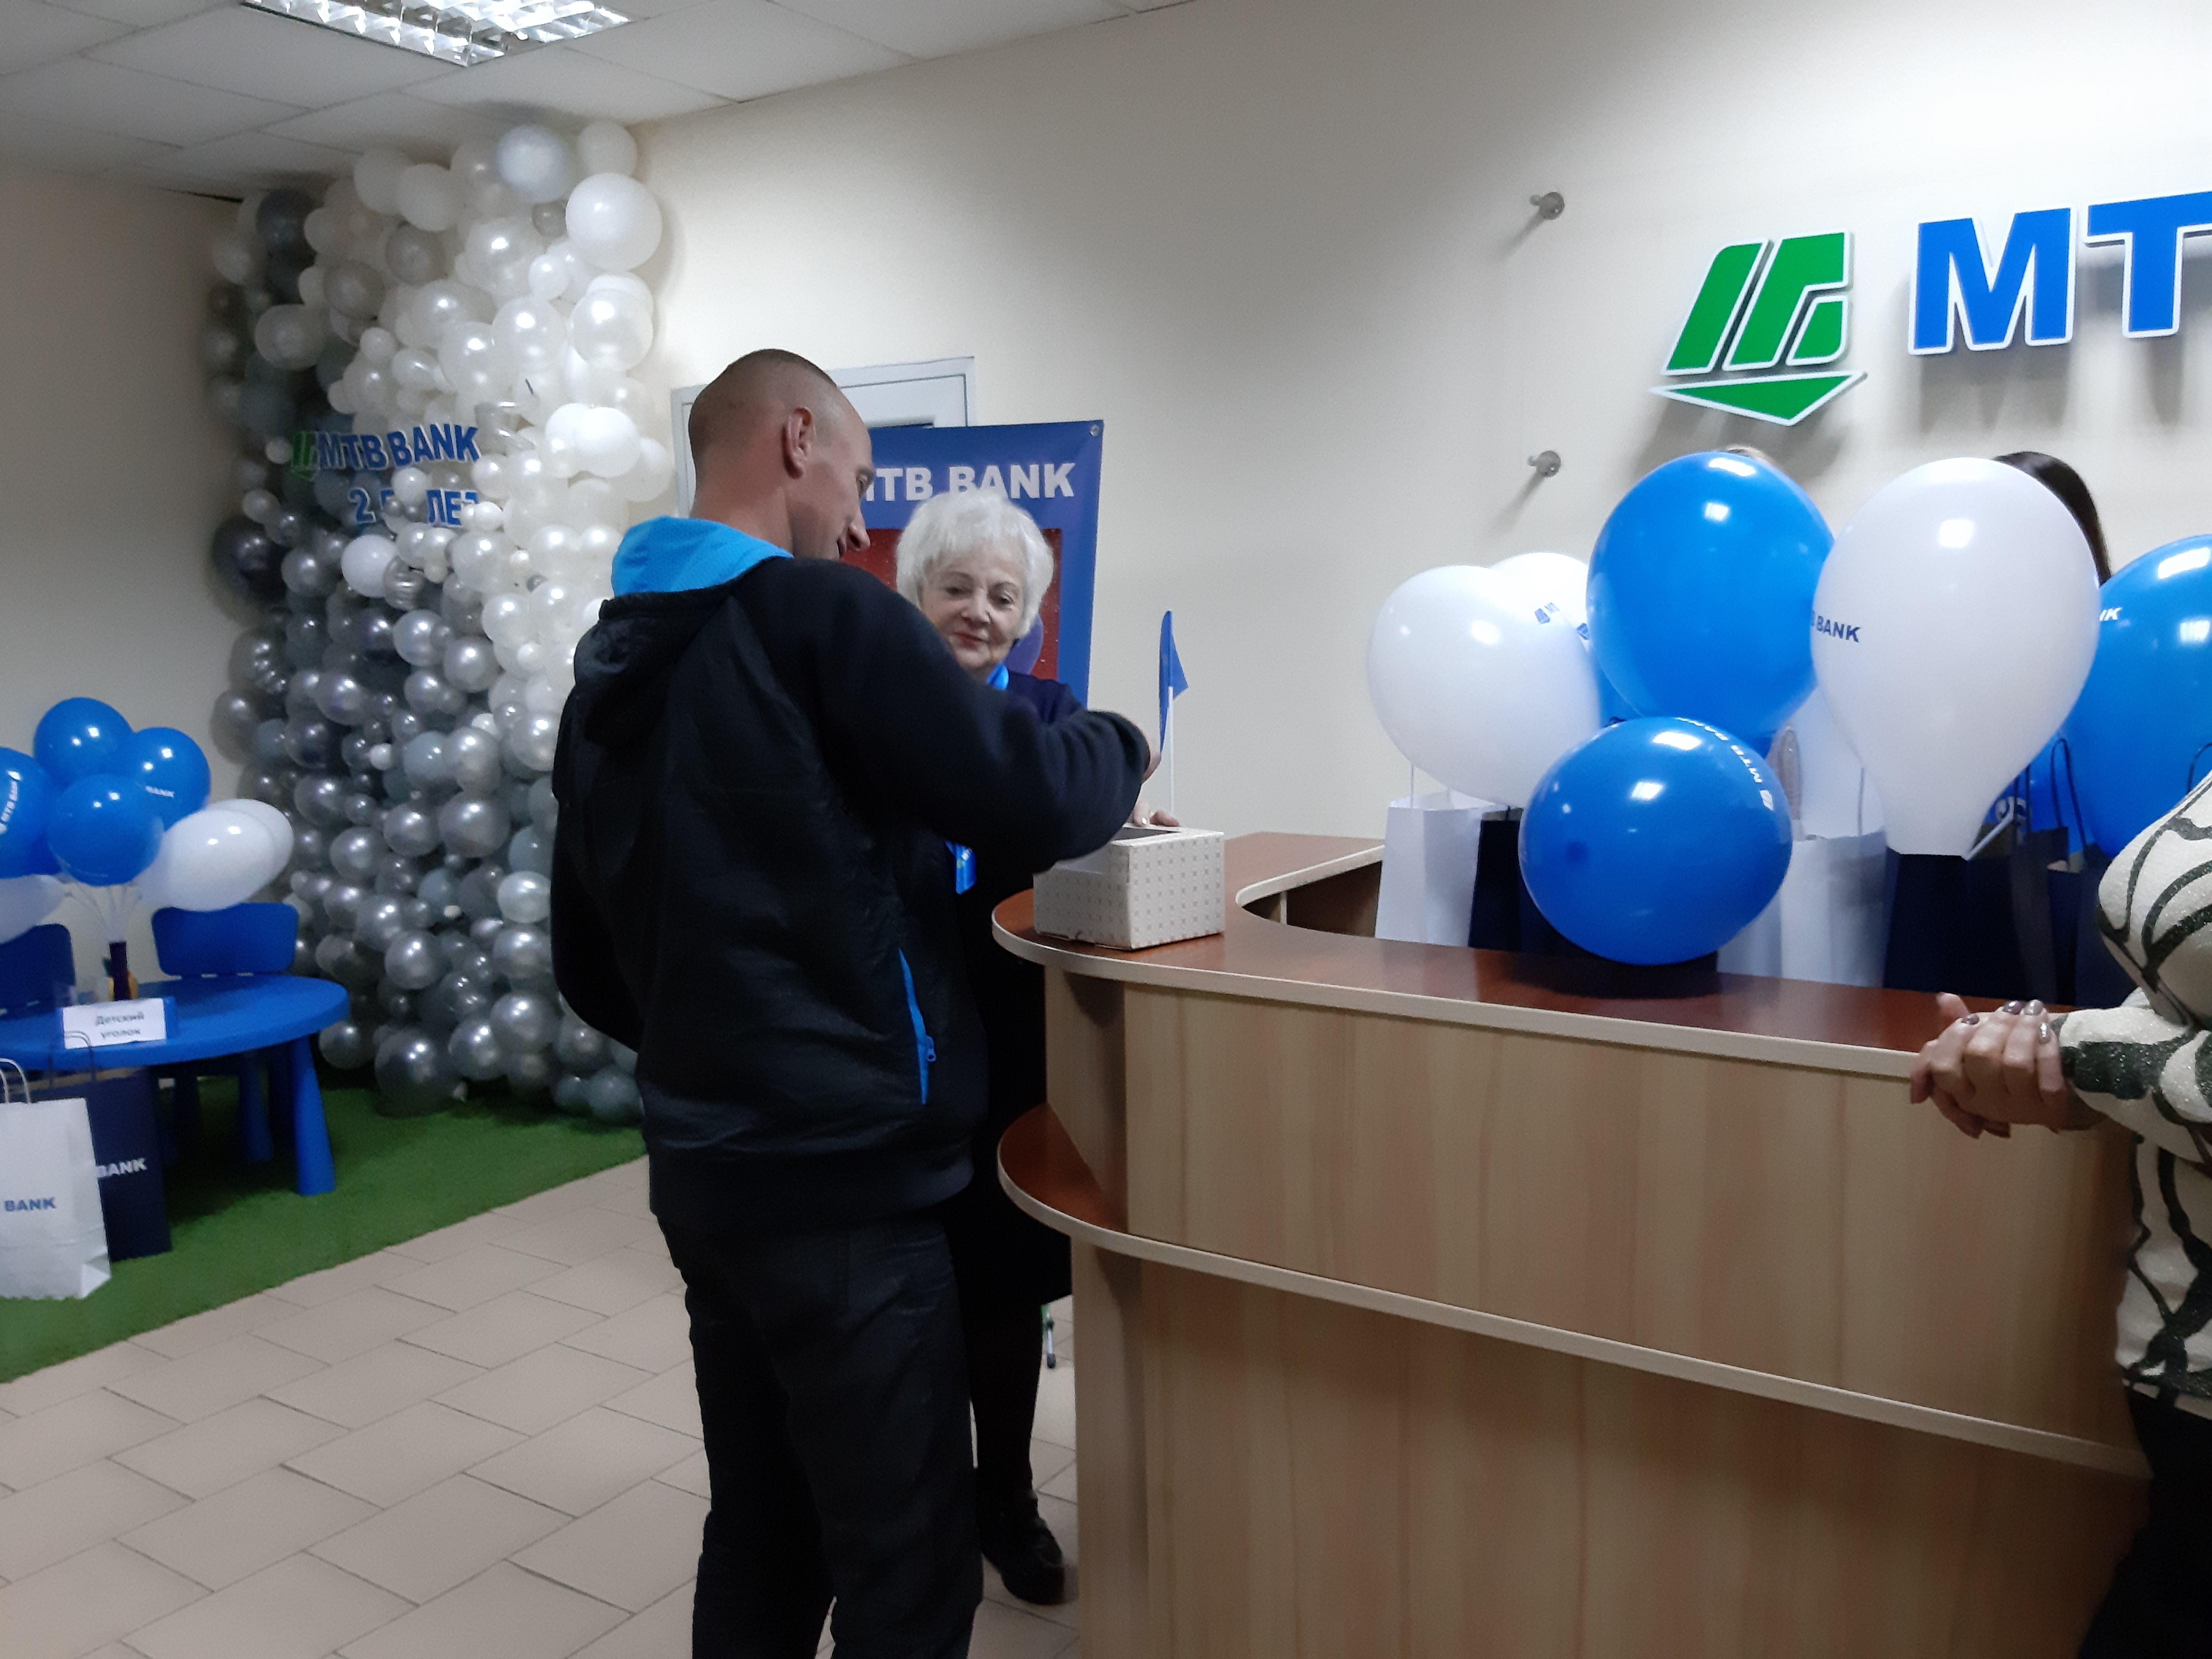 25 років МТБ БАНКу - 25 клієнтам подарунки! - фото 3 - mtb.ua